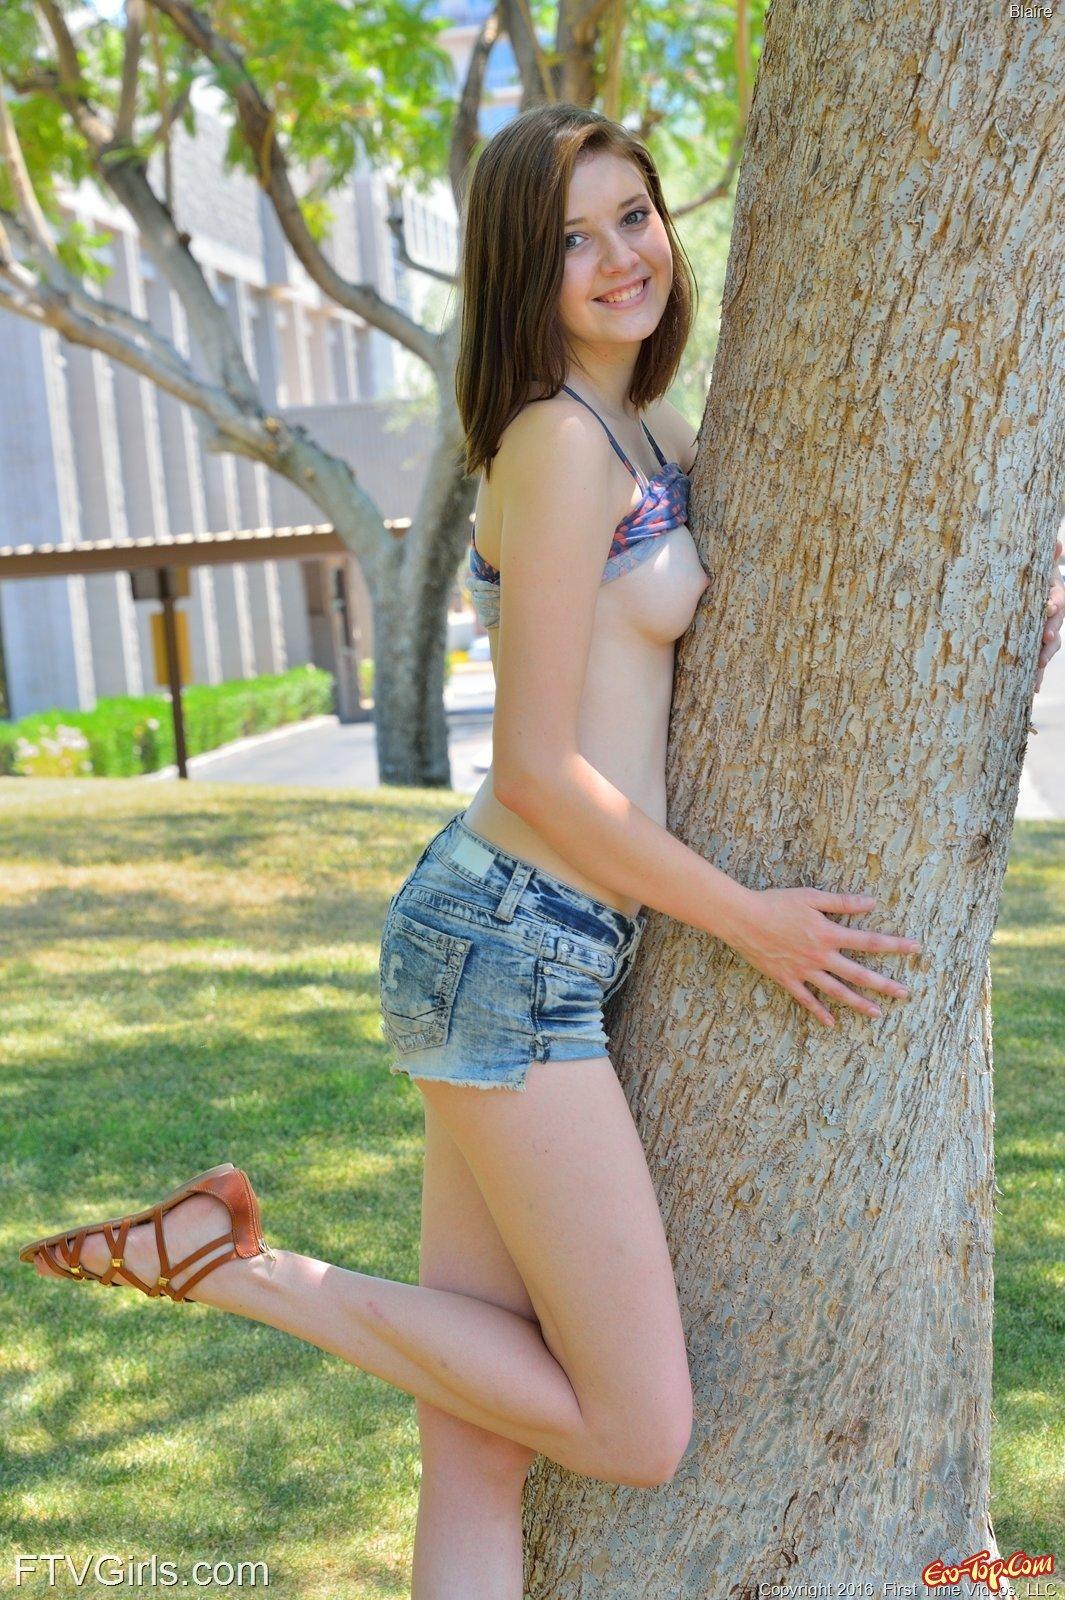 Сексуальная девушка в шортиках